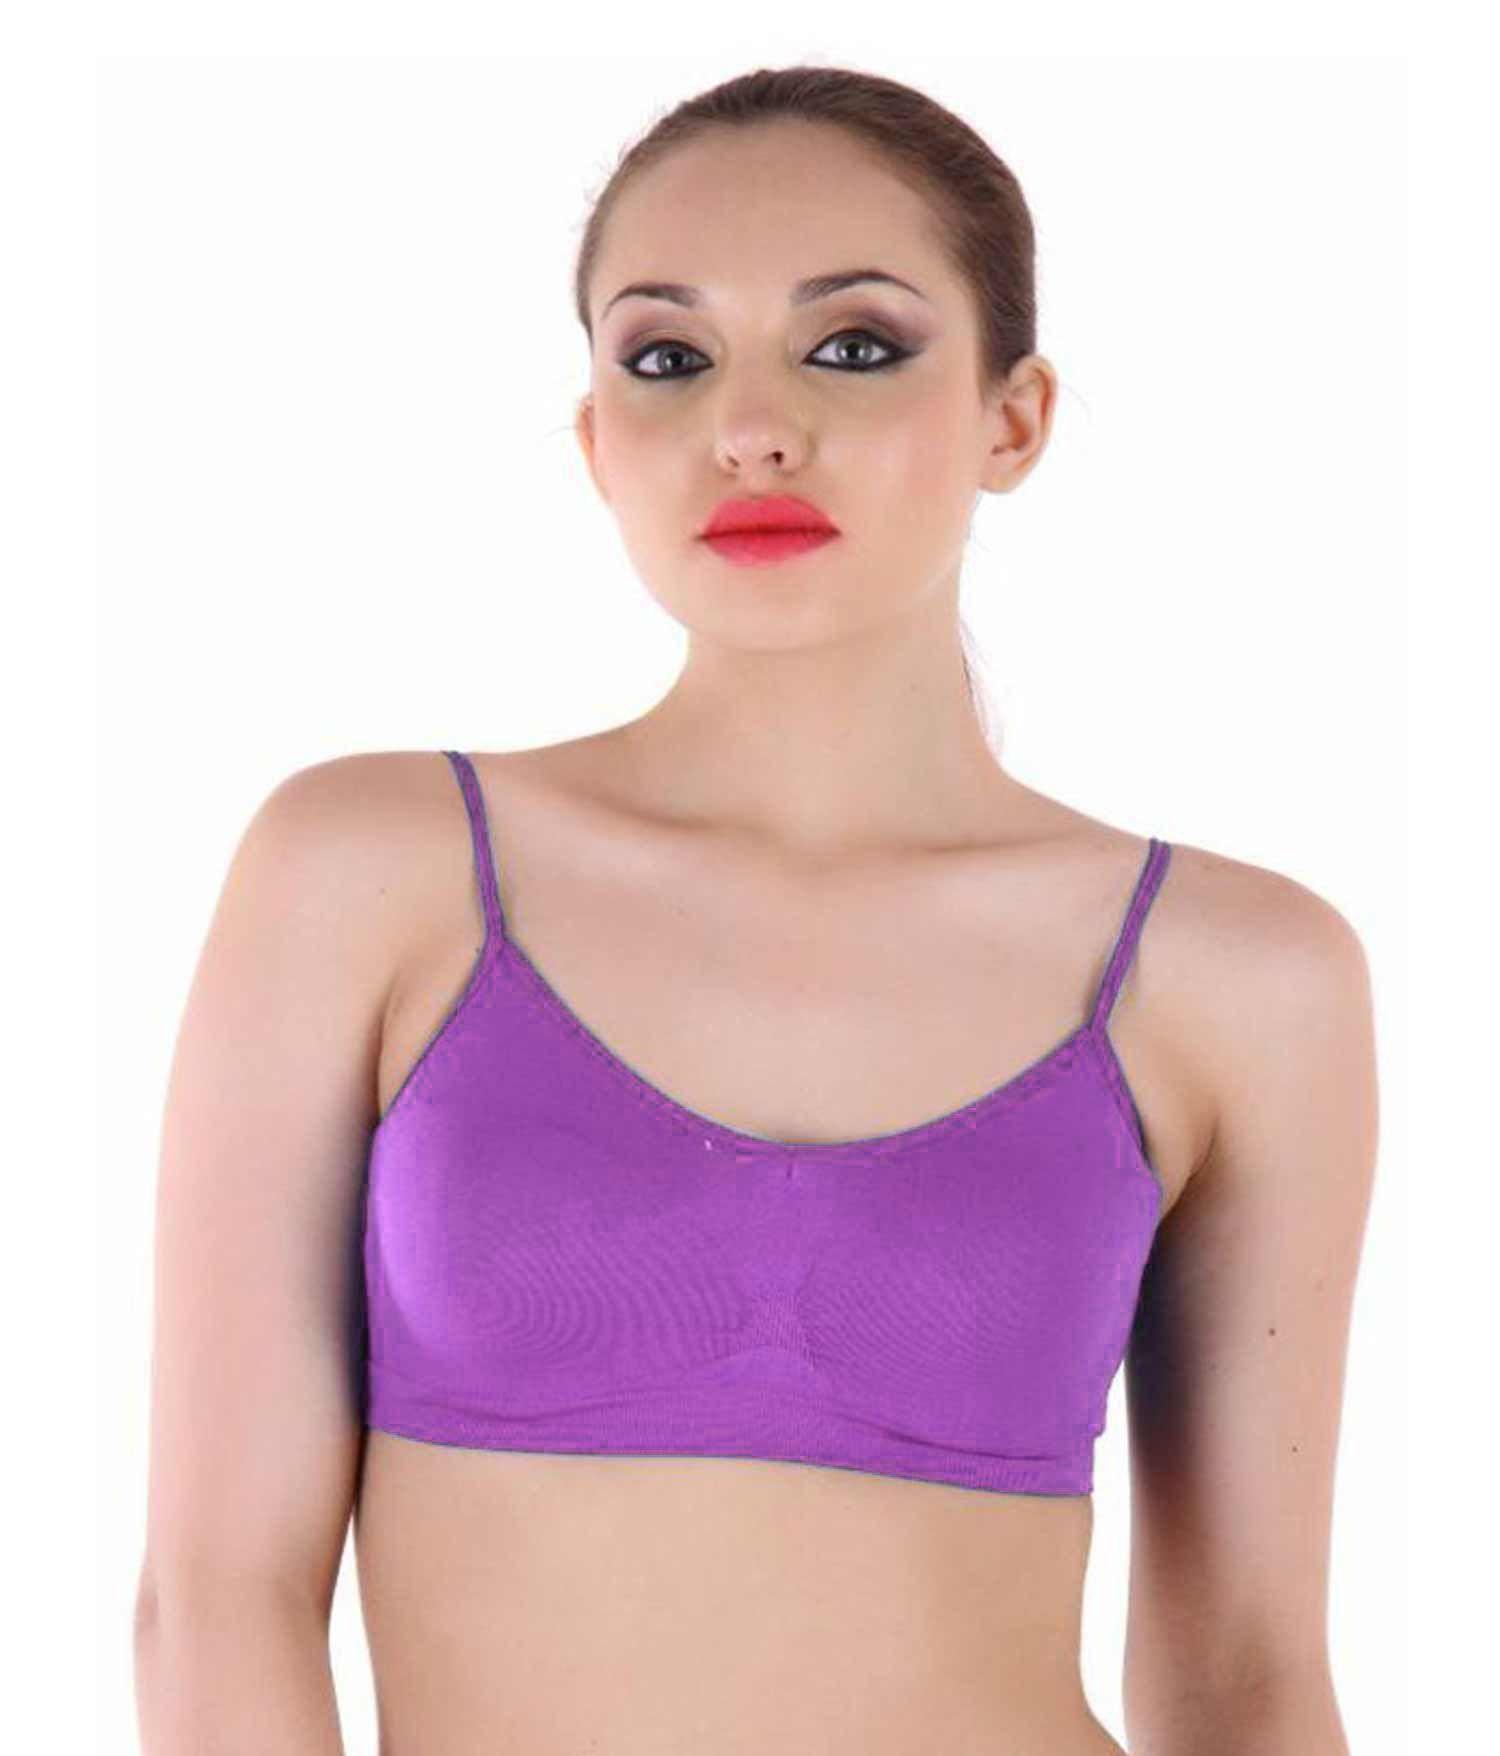 Durva Retail Cotton Cami bra - Multi Color